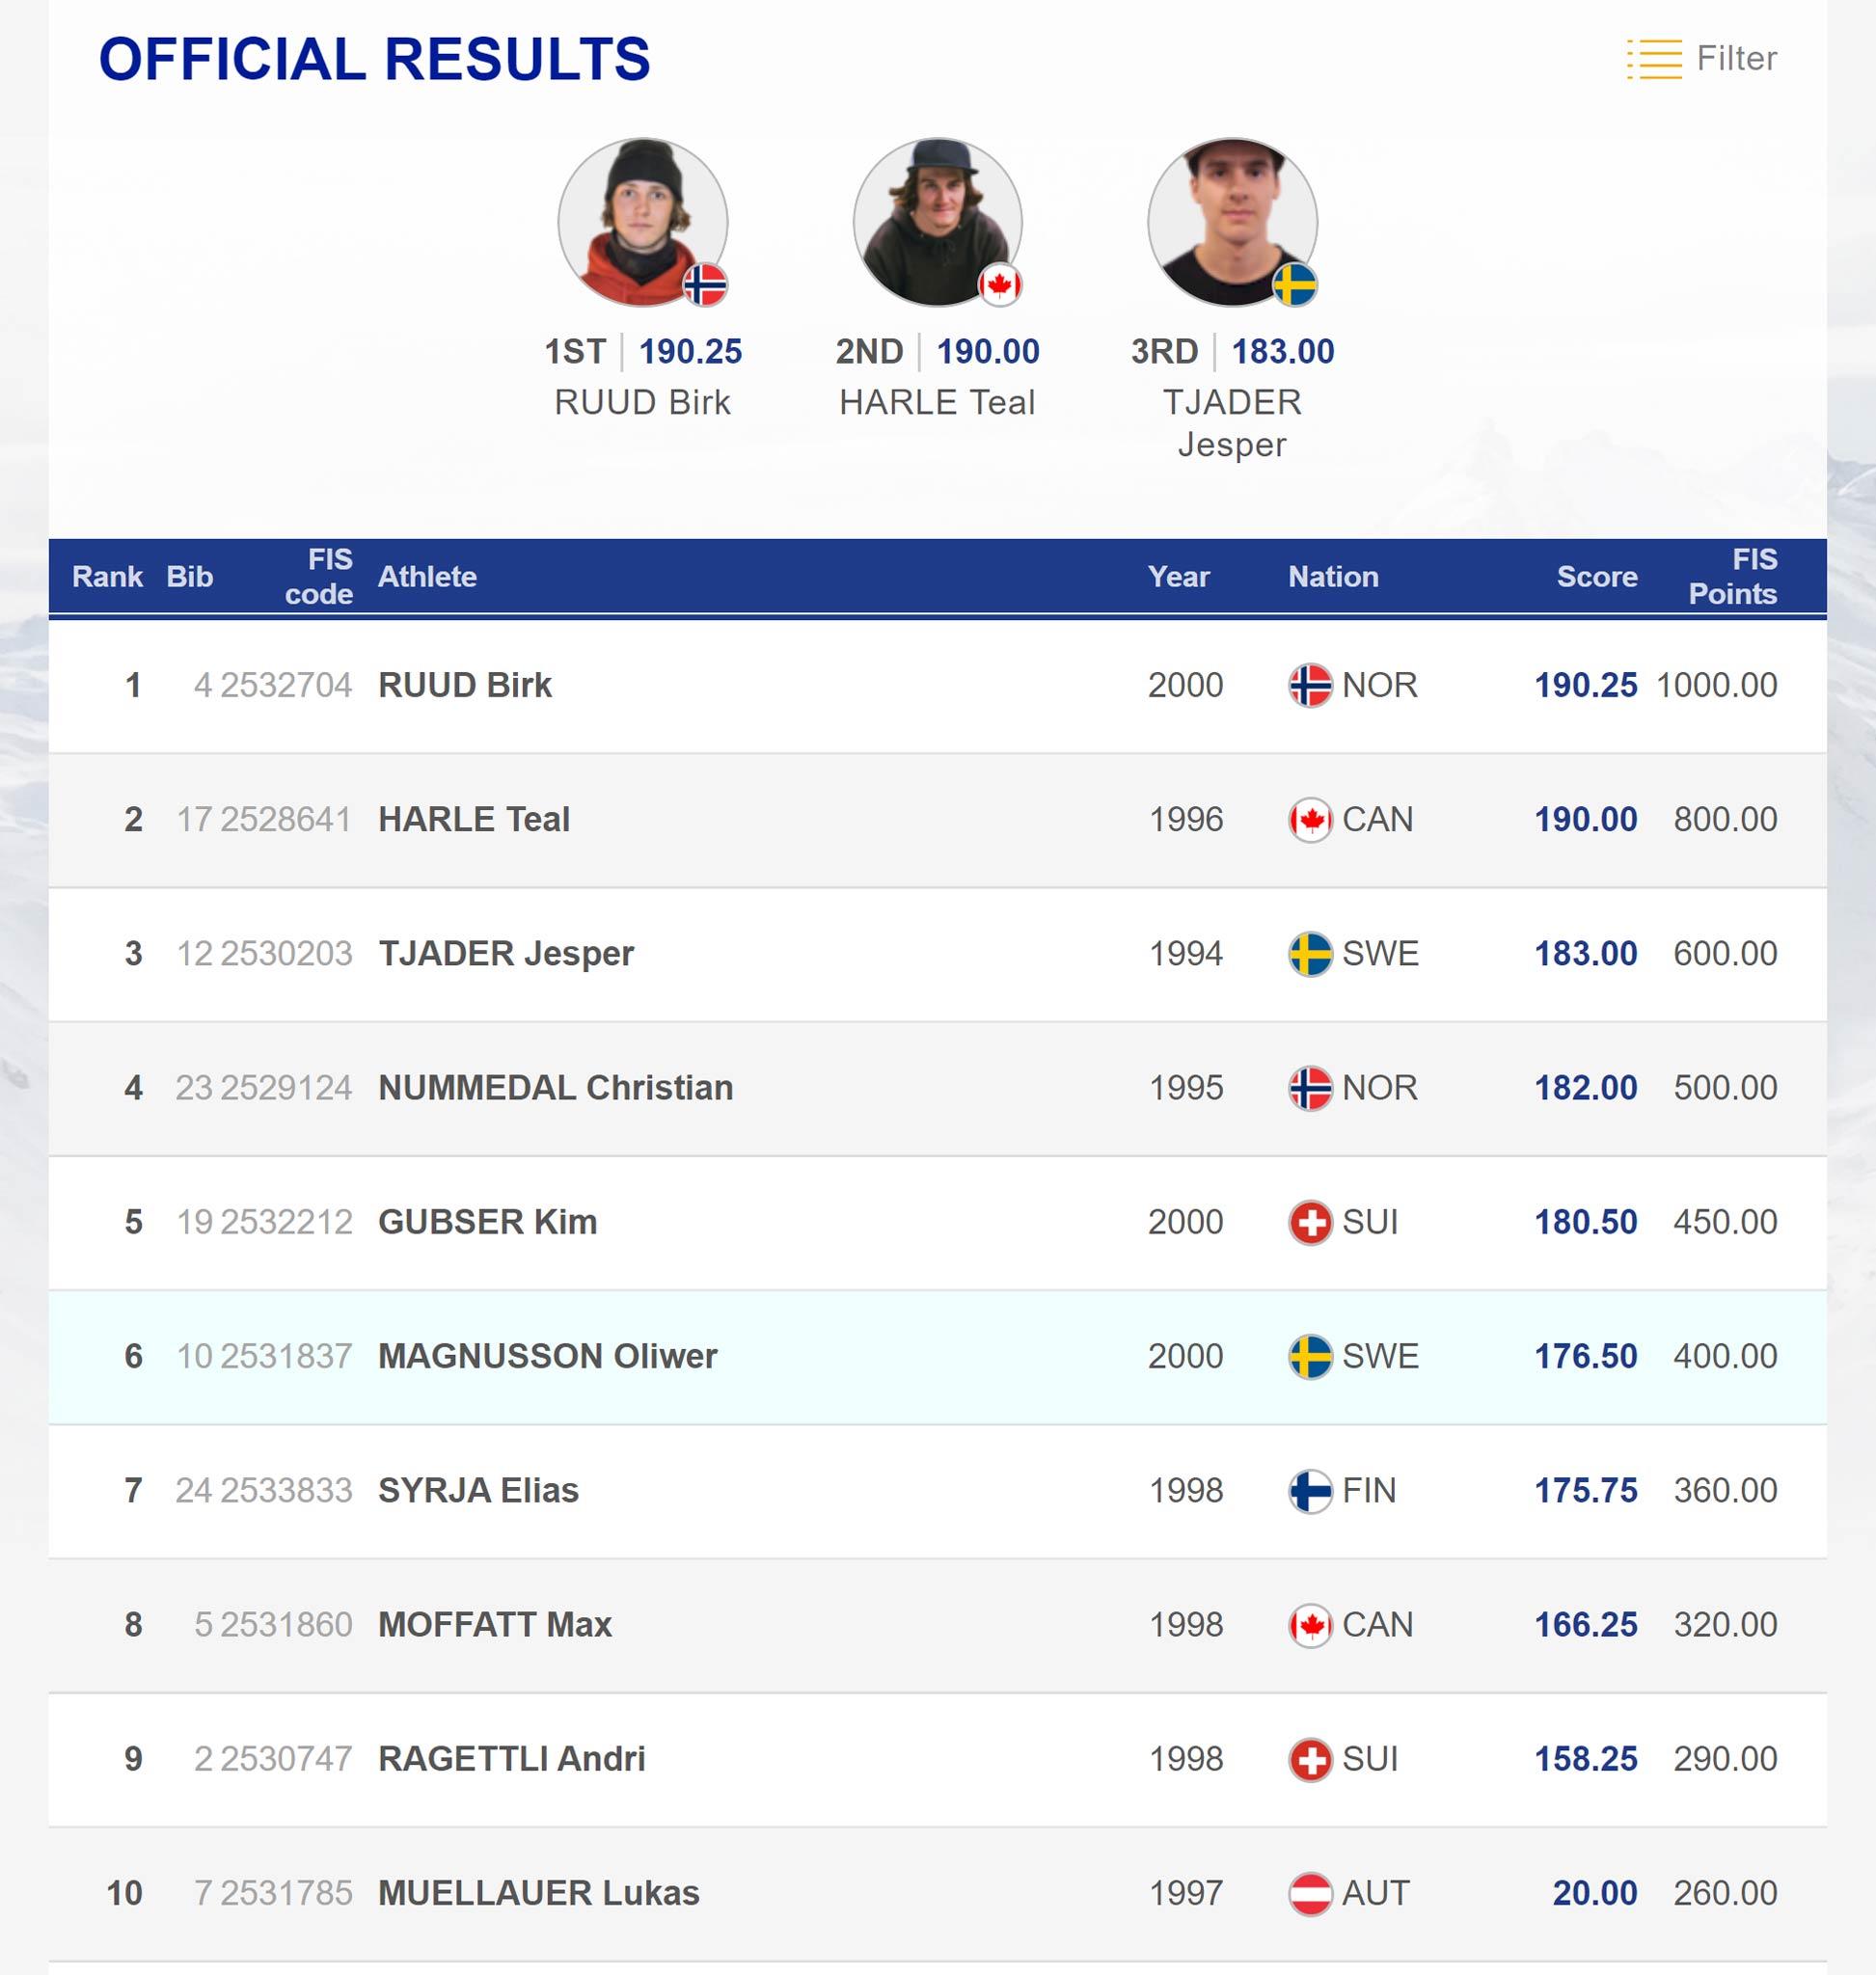 Das Ergebnis aus dem Final der Männer beim Big Air Weltcup in Beijing (China), 2019.